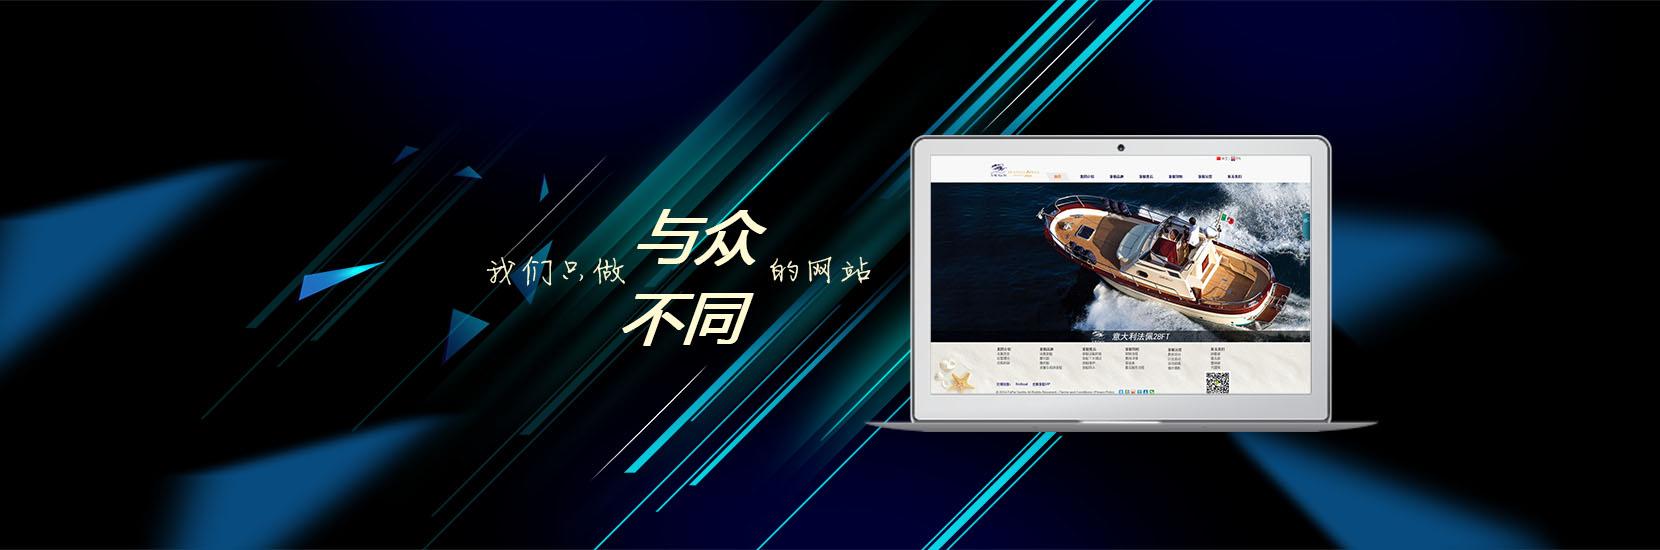 内蒙古网嘉科技我们只做于总不同的网站